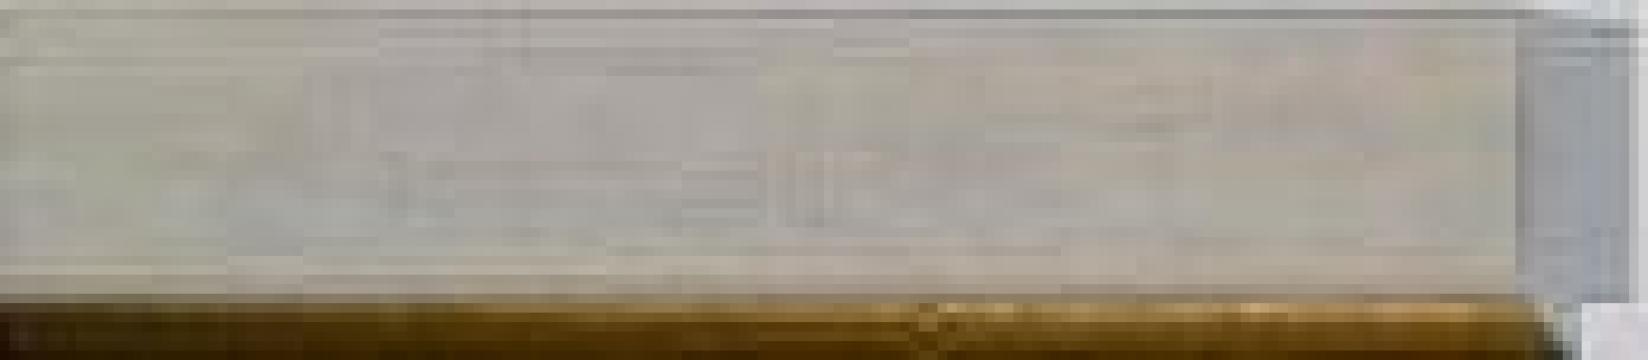 Profil sintetic tablouri